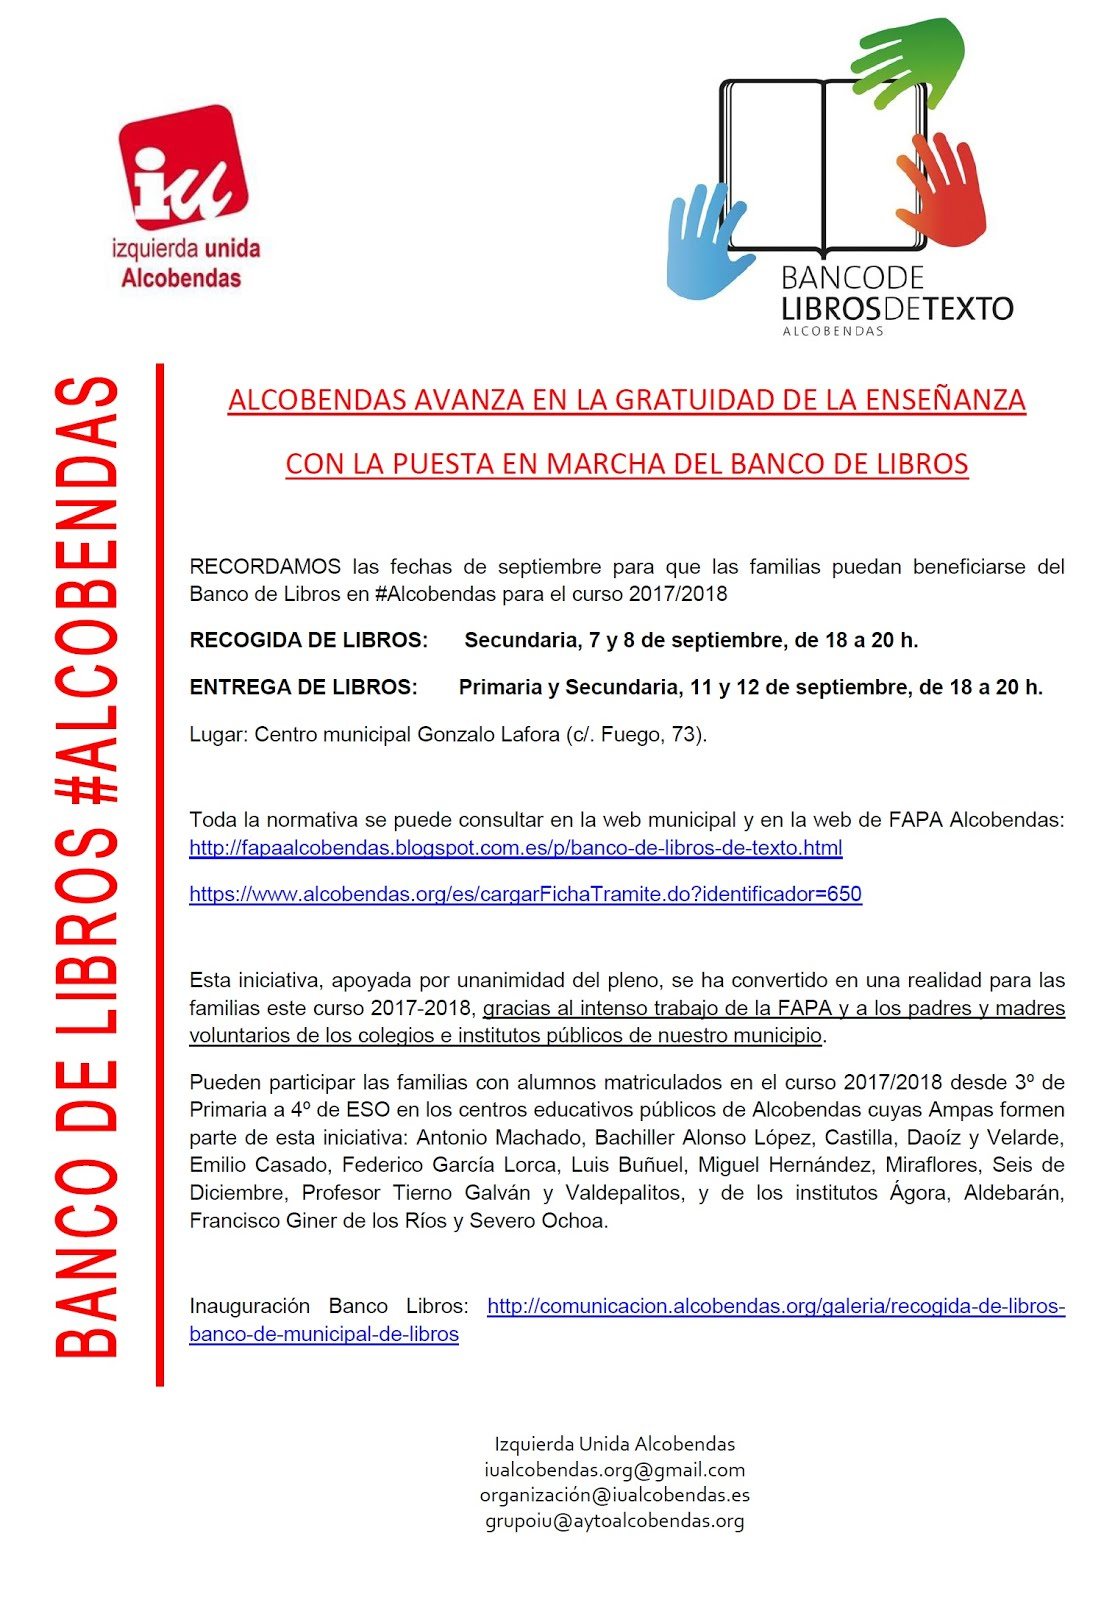 Información Banco de Libros #Alcobendas